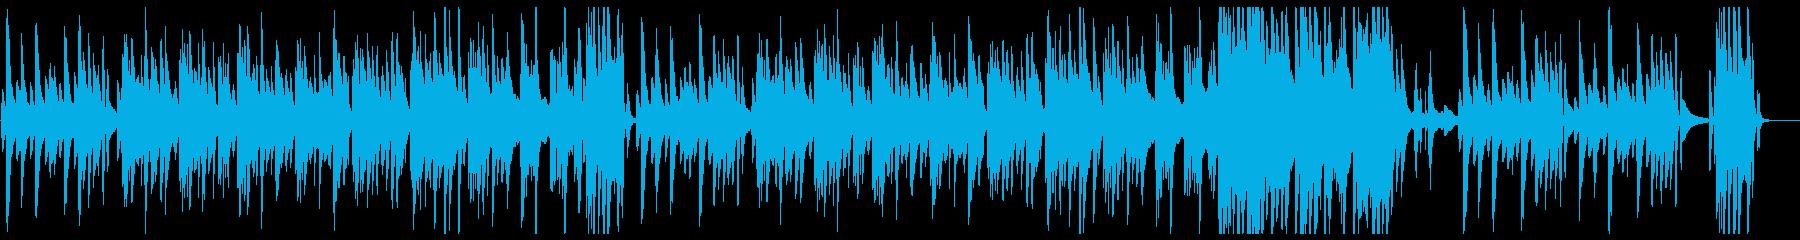 スローテンポで滑らかなピアノの曲の再生済みの波形